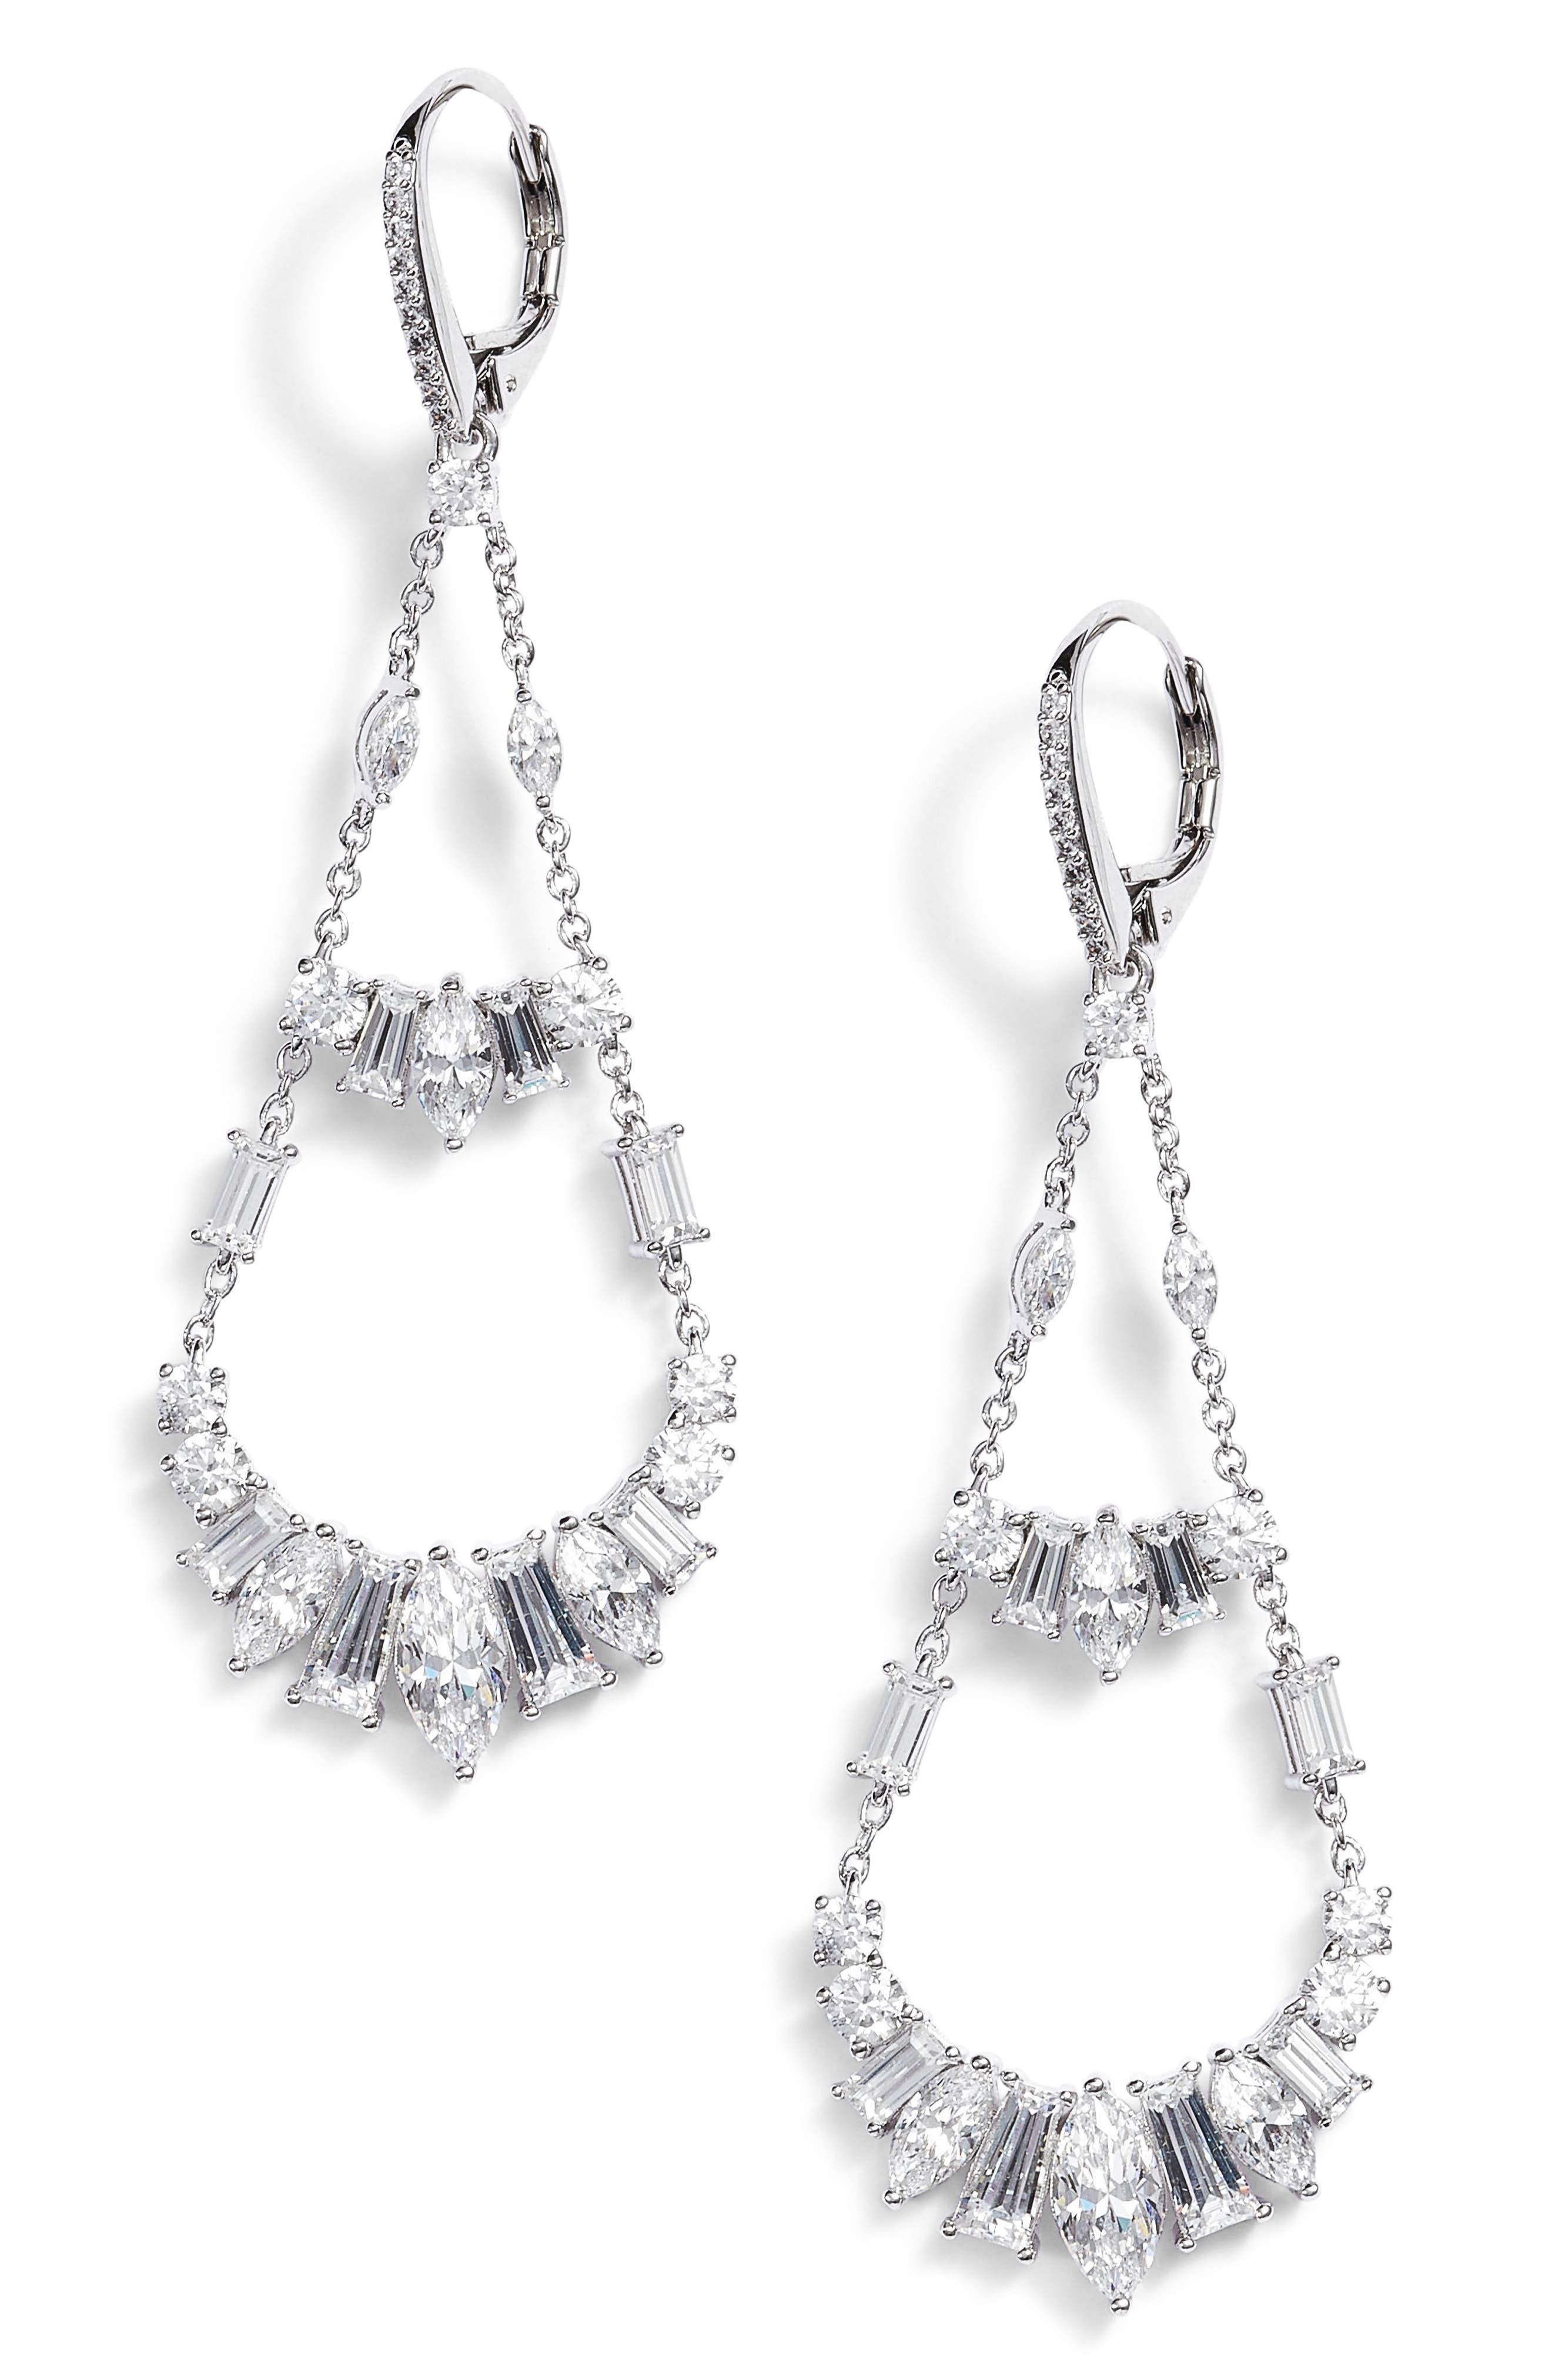 Fanfare Chandelier Earrings,                         Main,                         color, SILVER